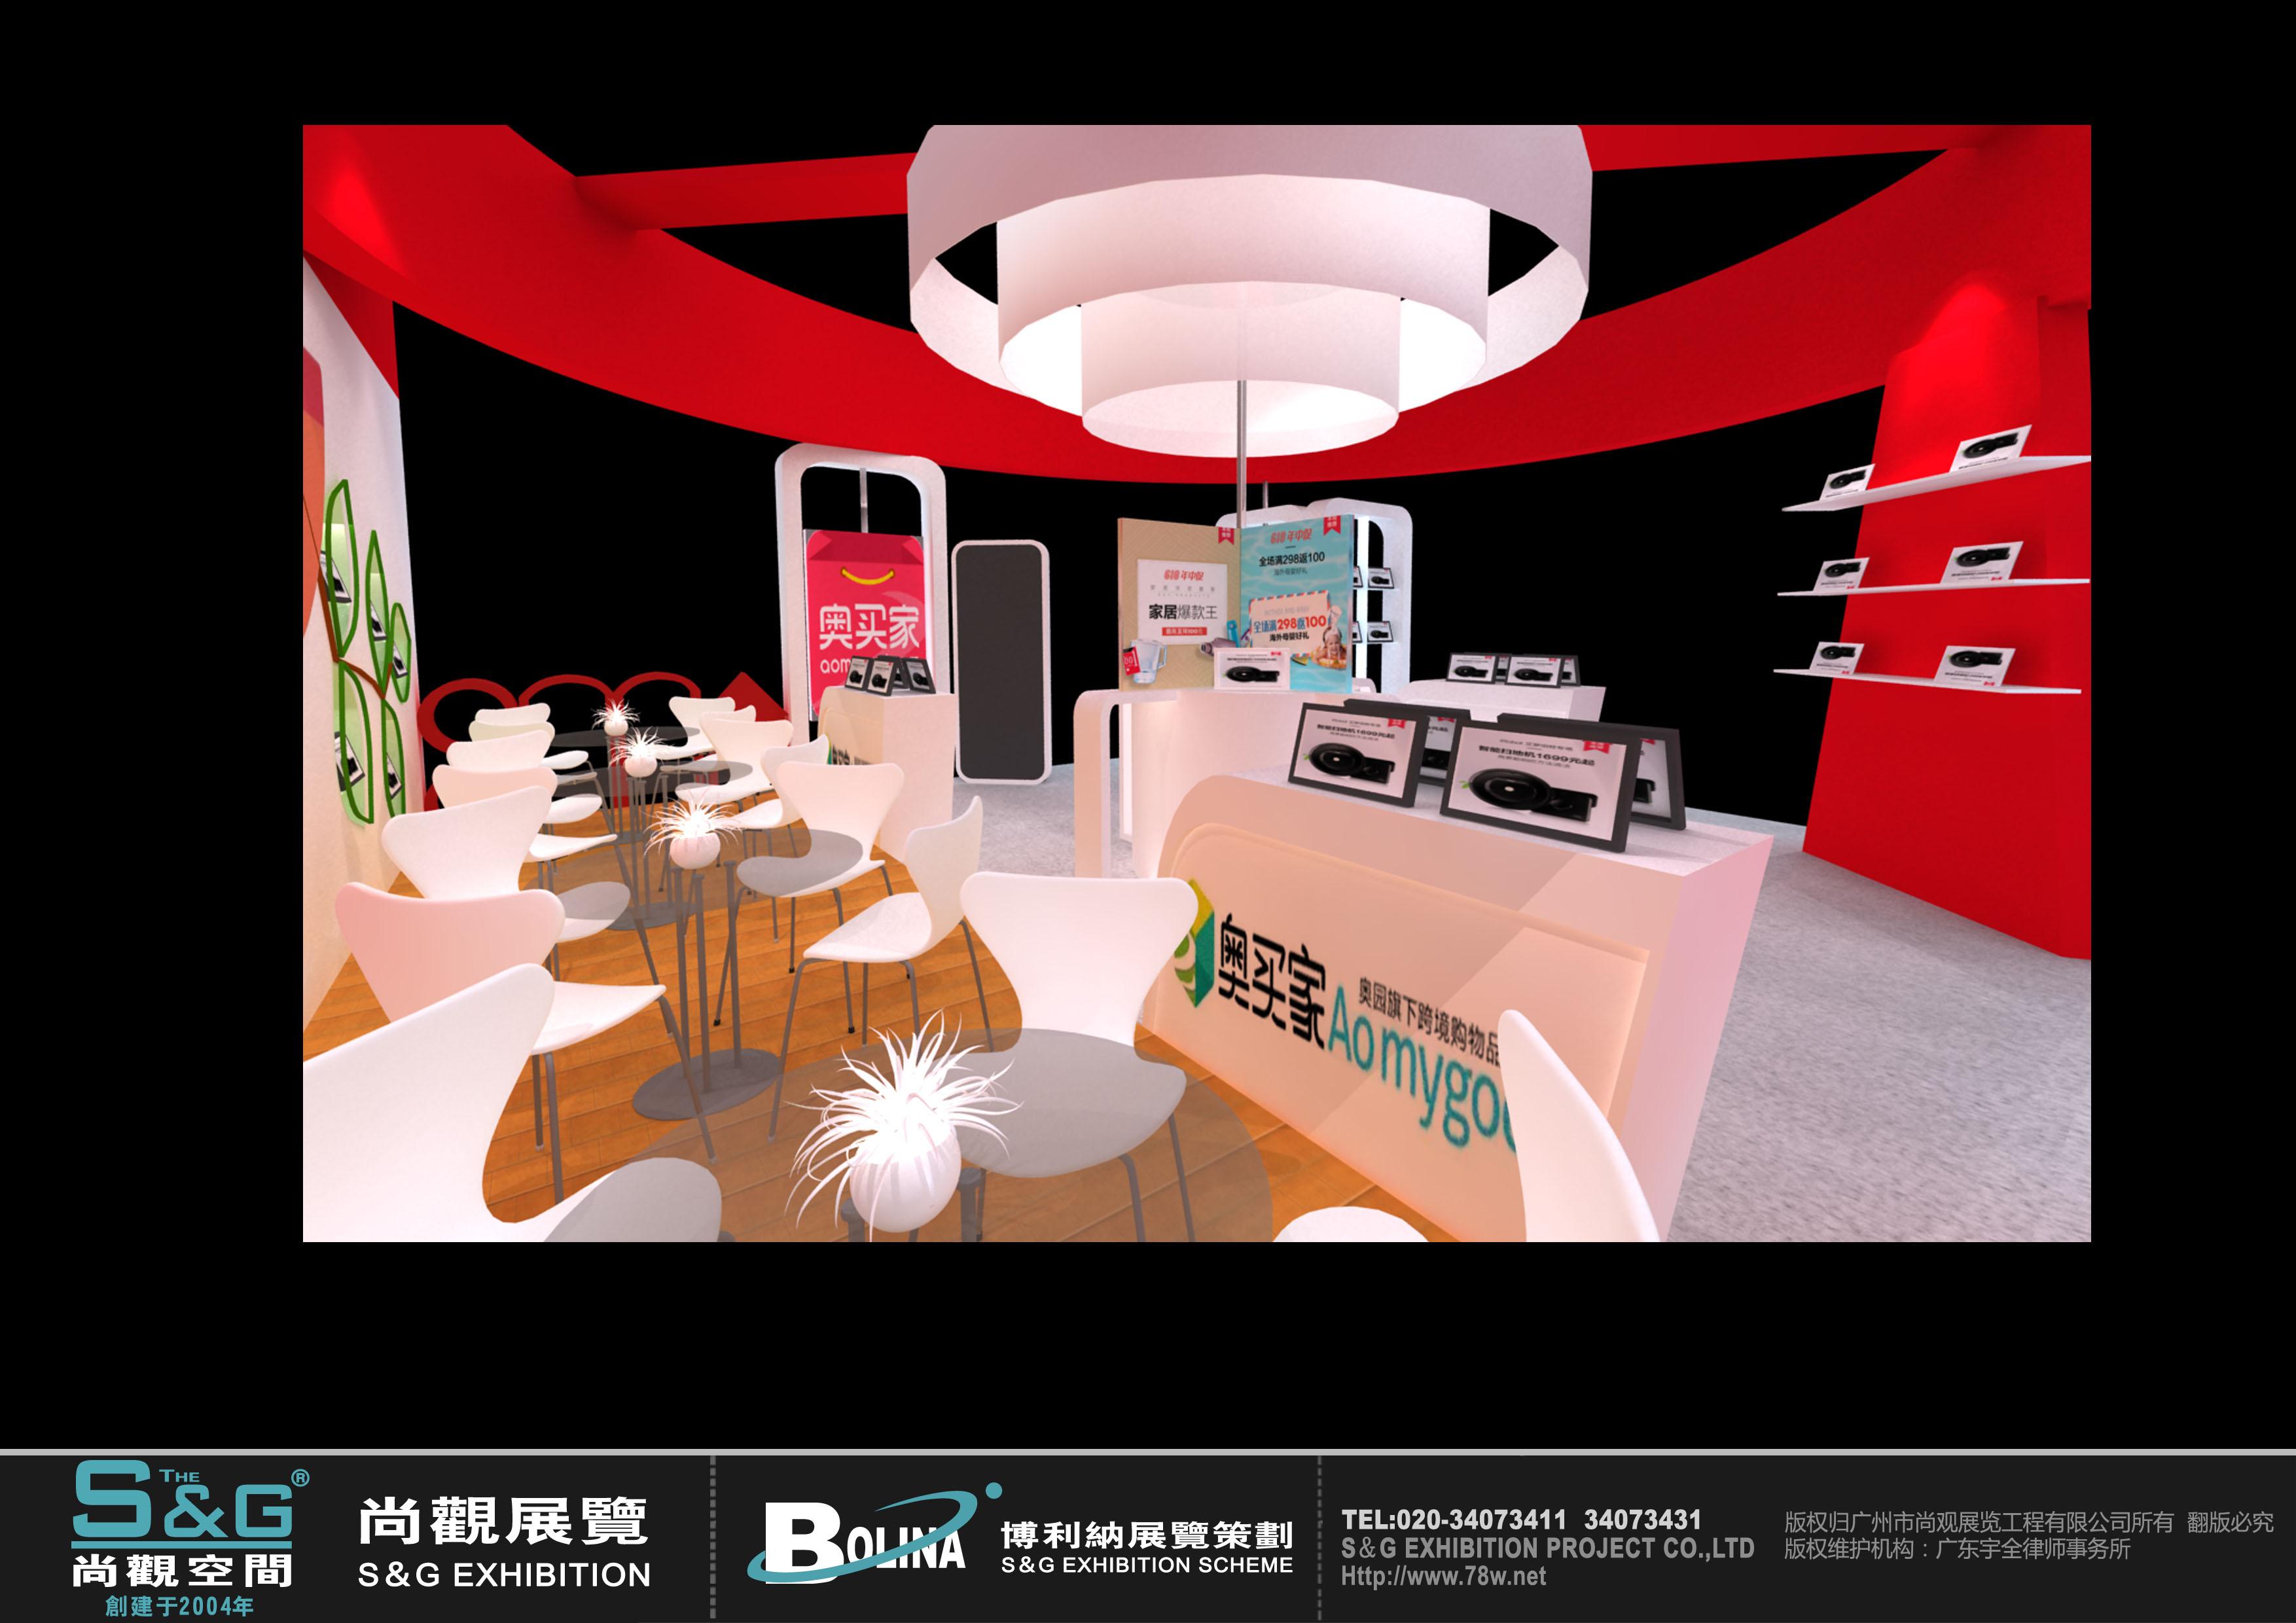 设计制作|舞美布景制作|商场展柜制作|铝型材出租出售|促销活动策划|v